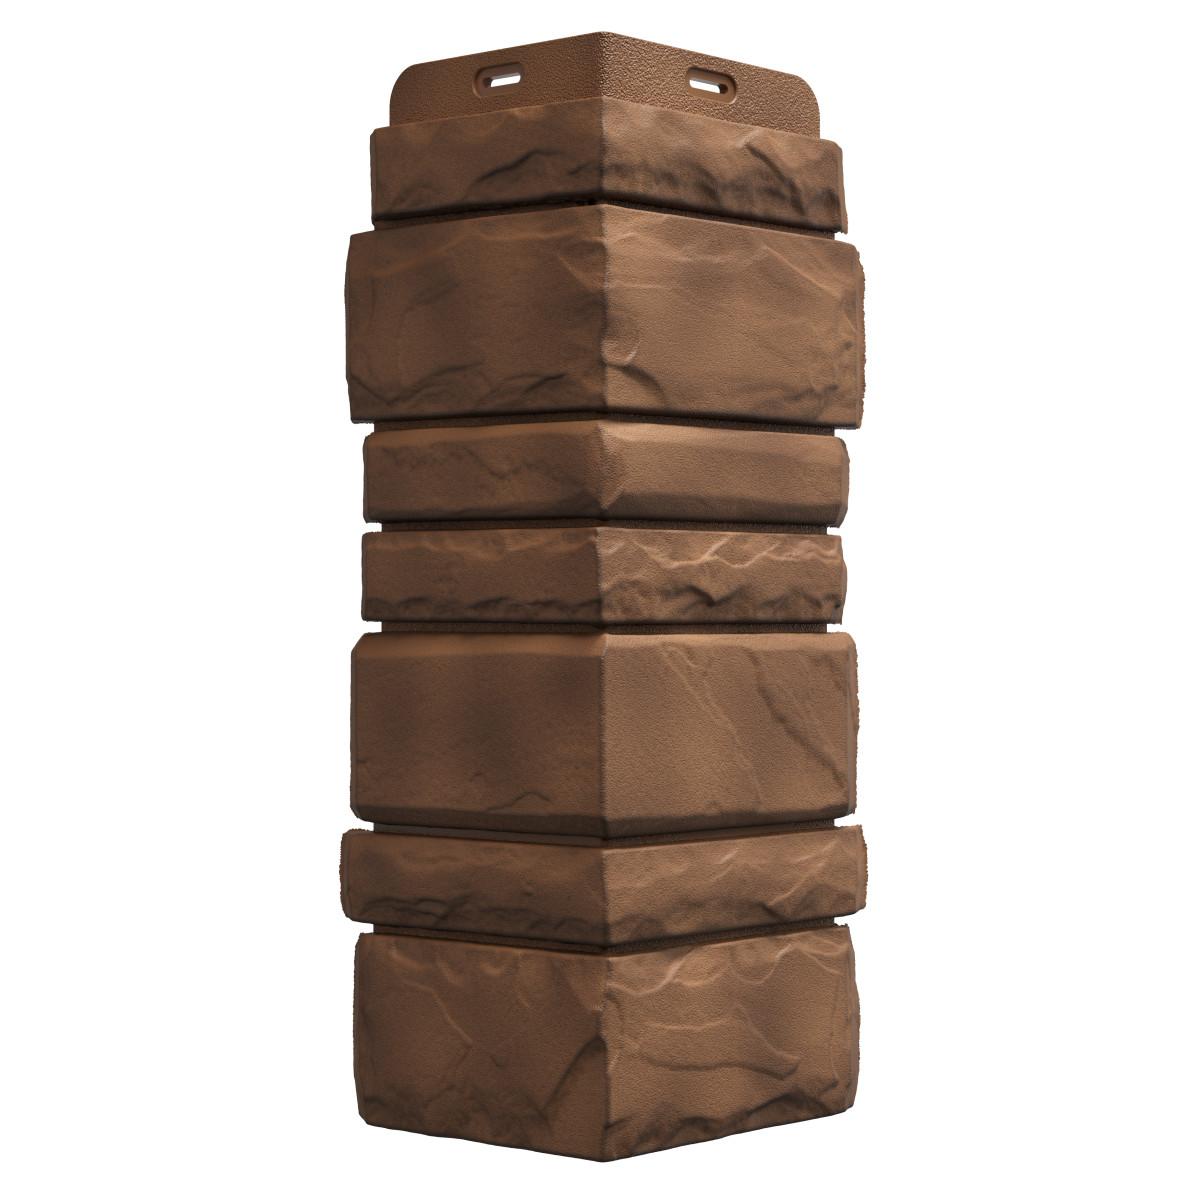 Угол наружный Dacha Песчаник колотый цвет темно-коричневый